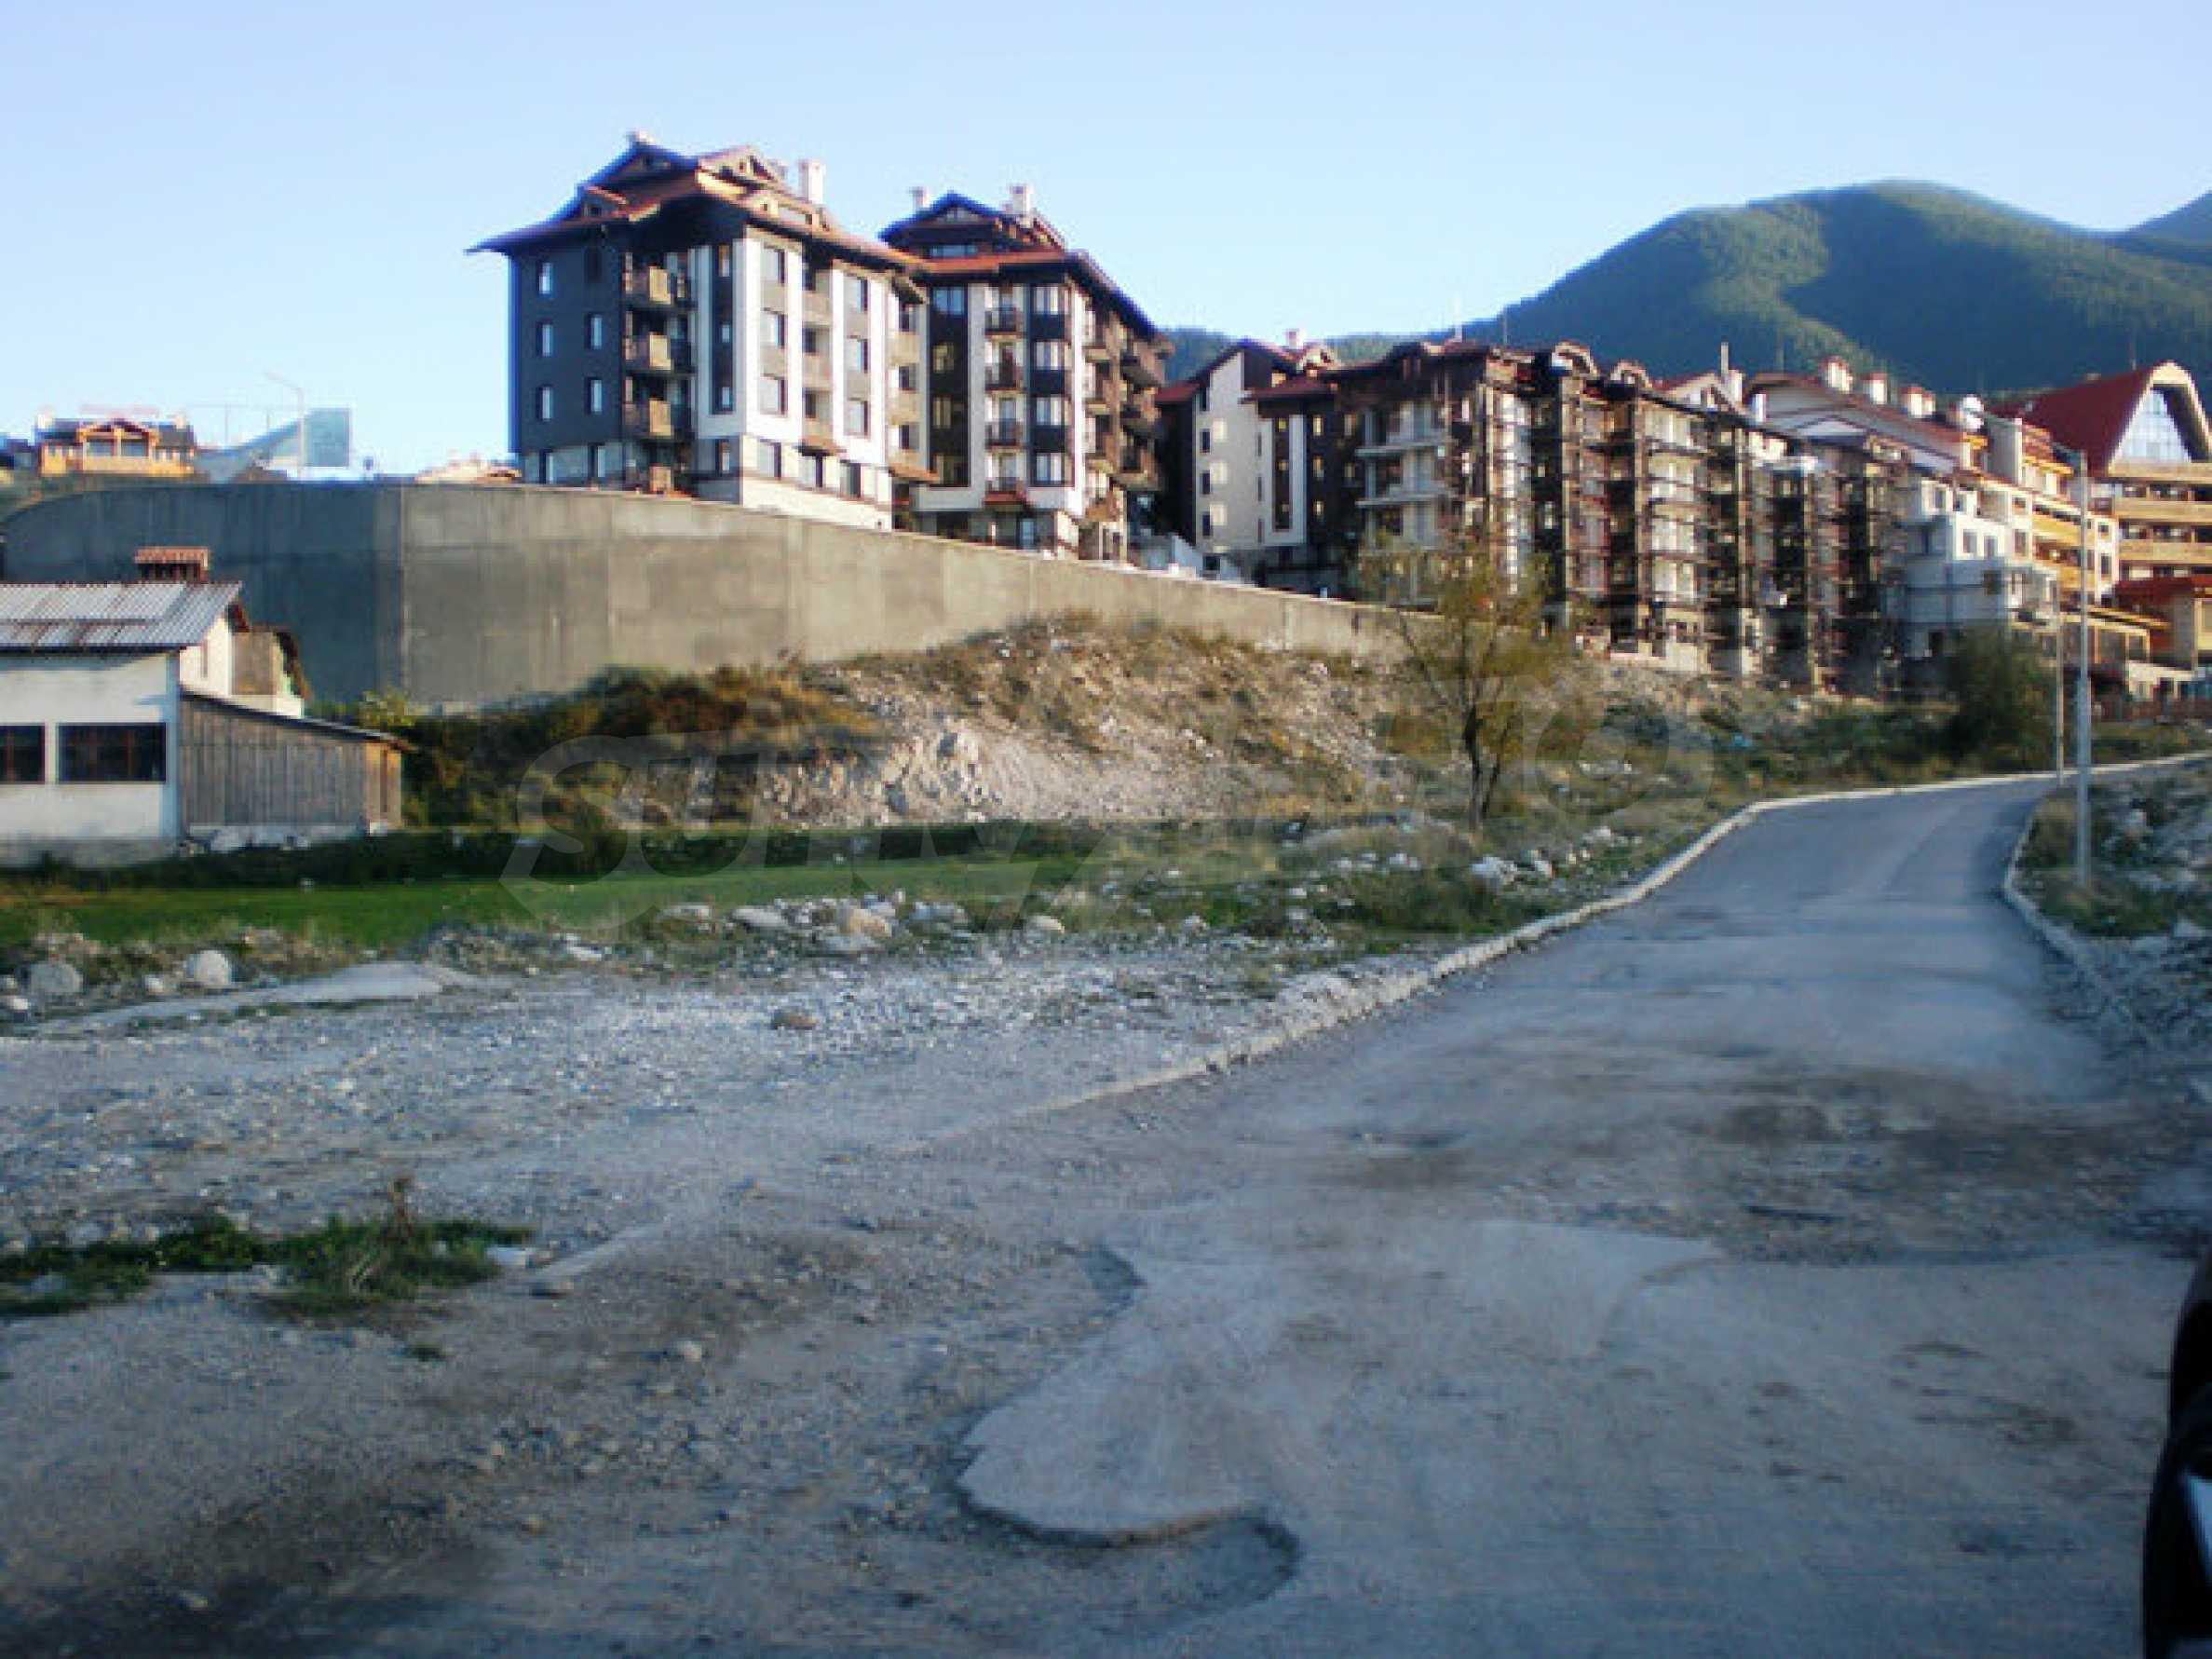 Geregeltes Grundstück mit Investitionsprojekt für den Bau eines Aparthotels in Bansko 6